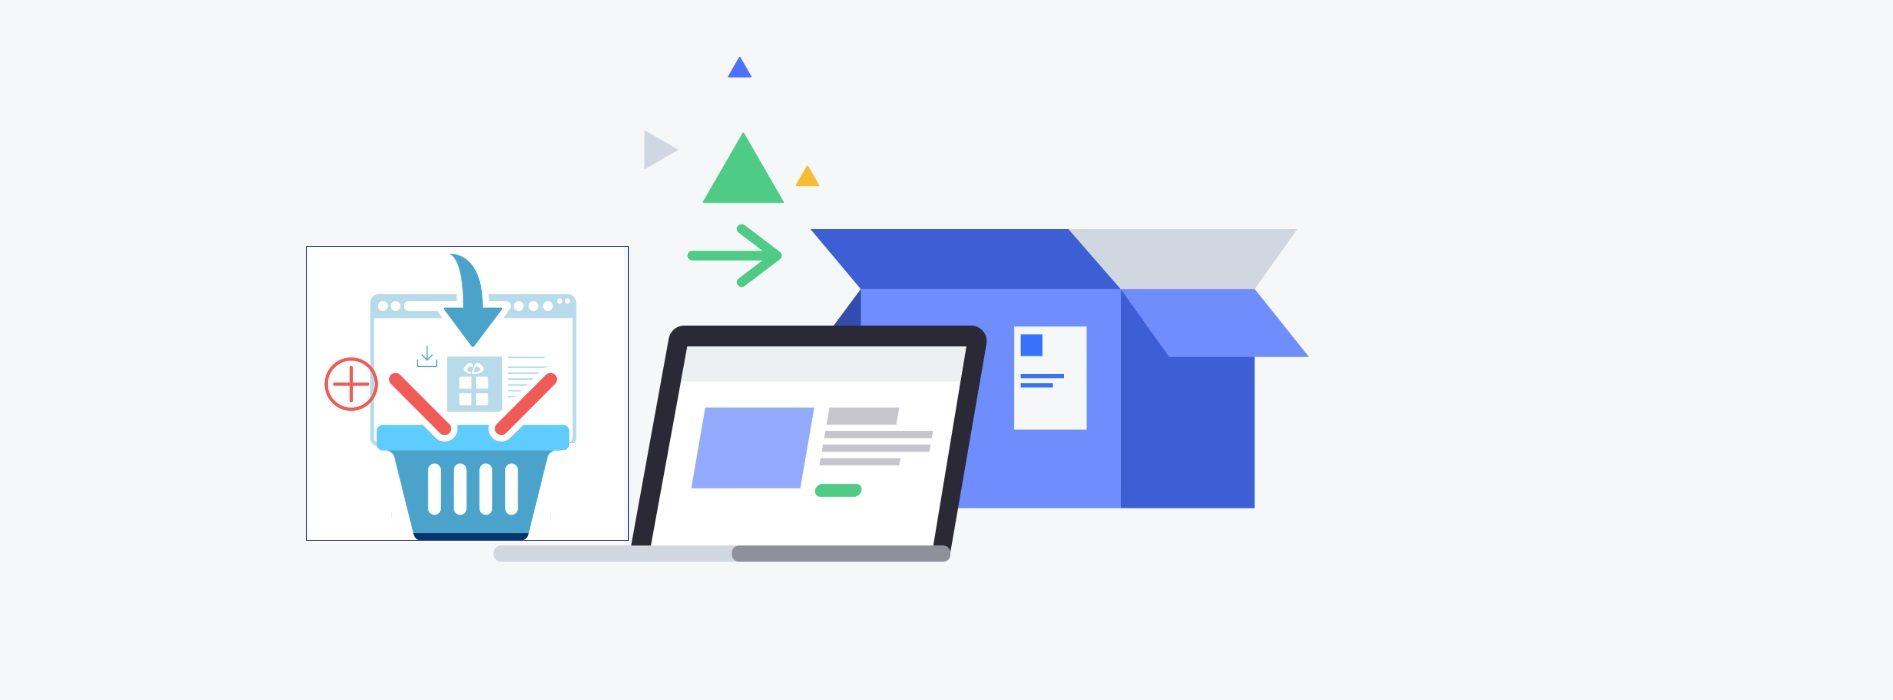 Nowe możliwości w sklepach internetowych - aktualizacja 4.6.9